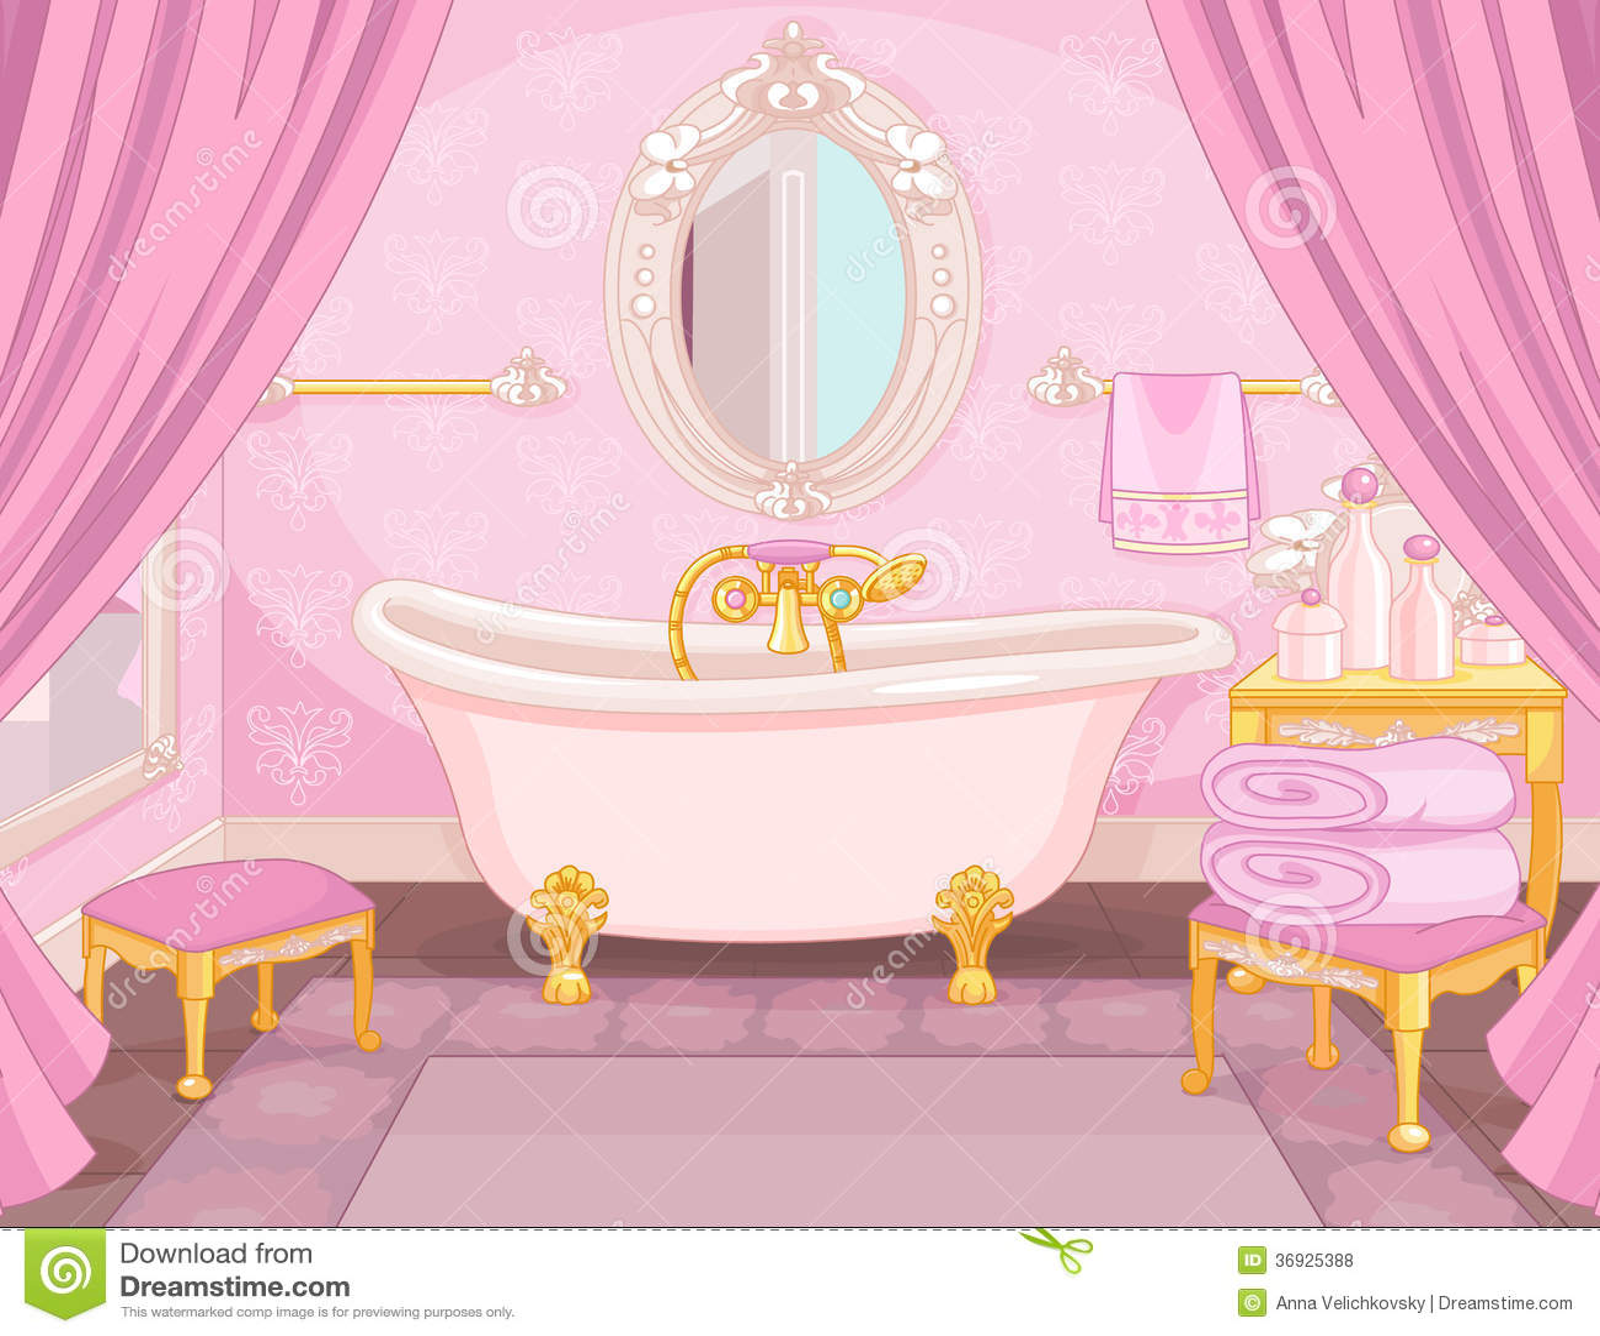 Bathroom Cabinet Clip Art: Interior Of Bathroom In The Castle Stock Vector